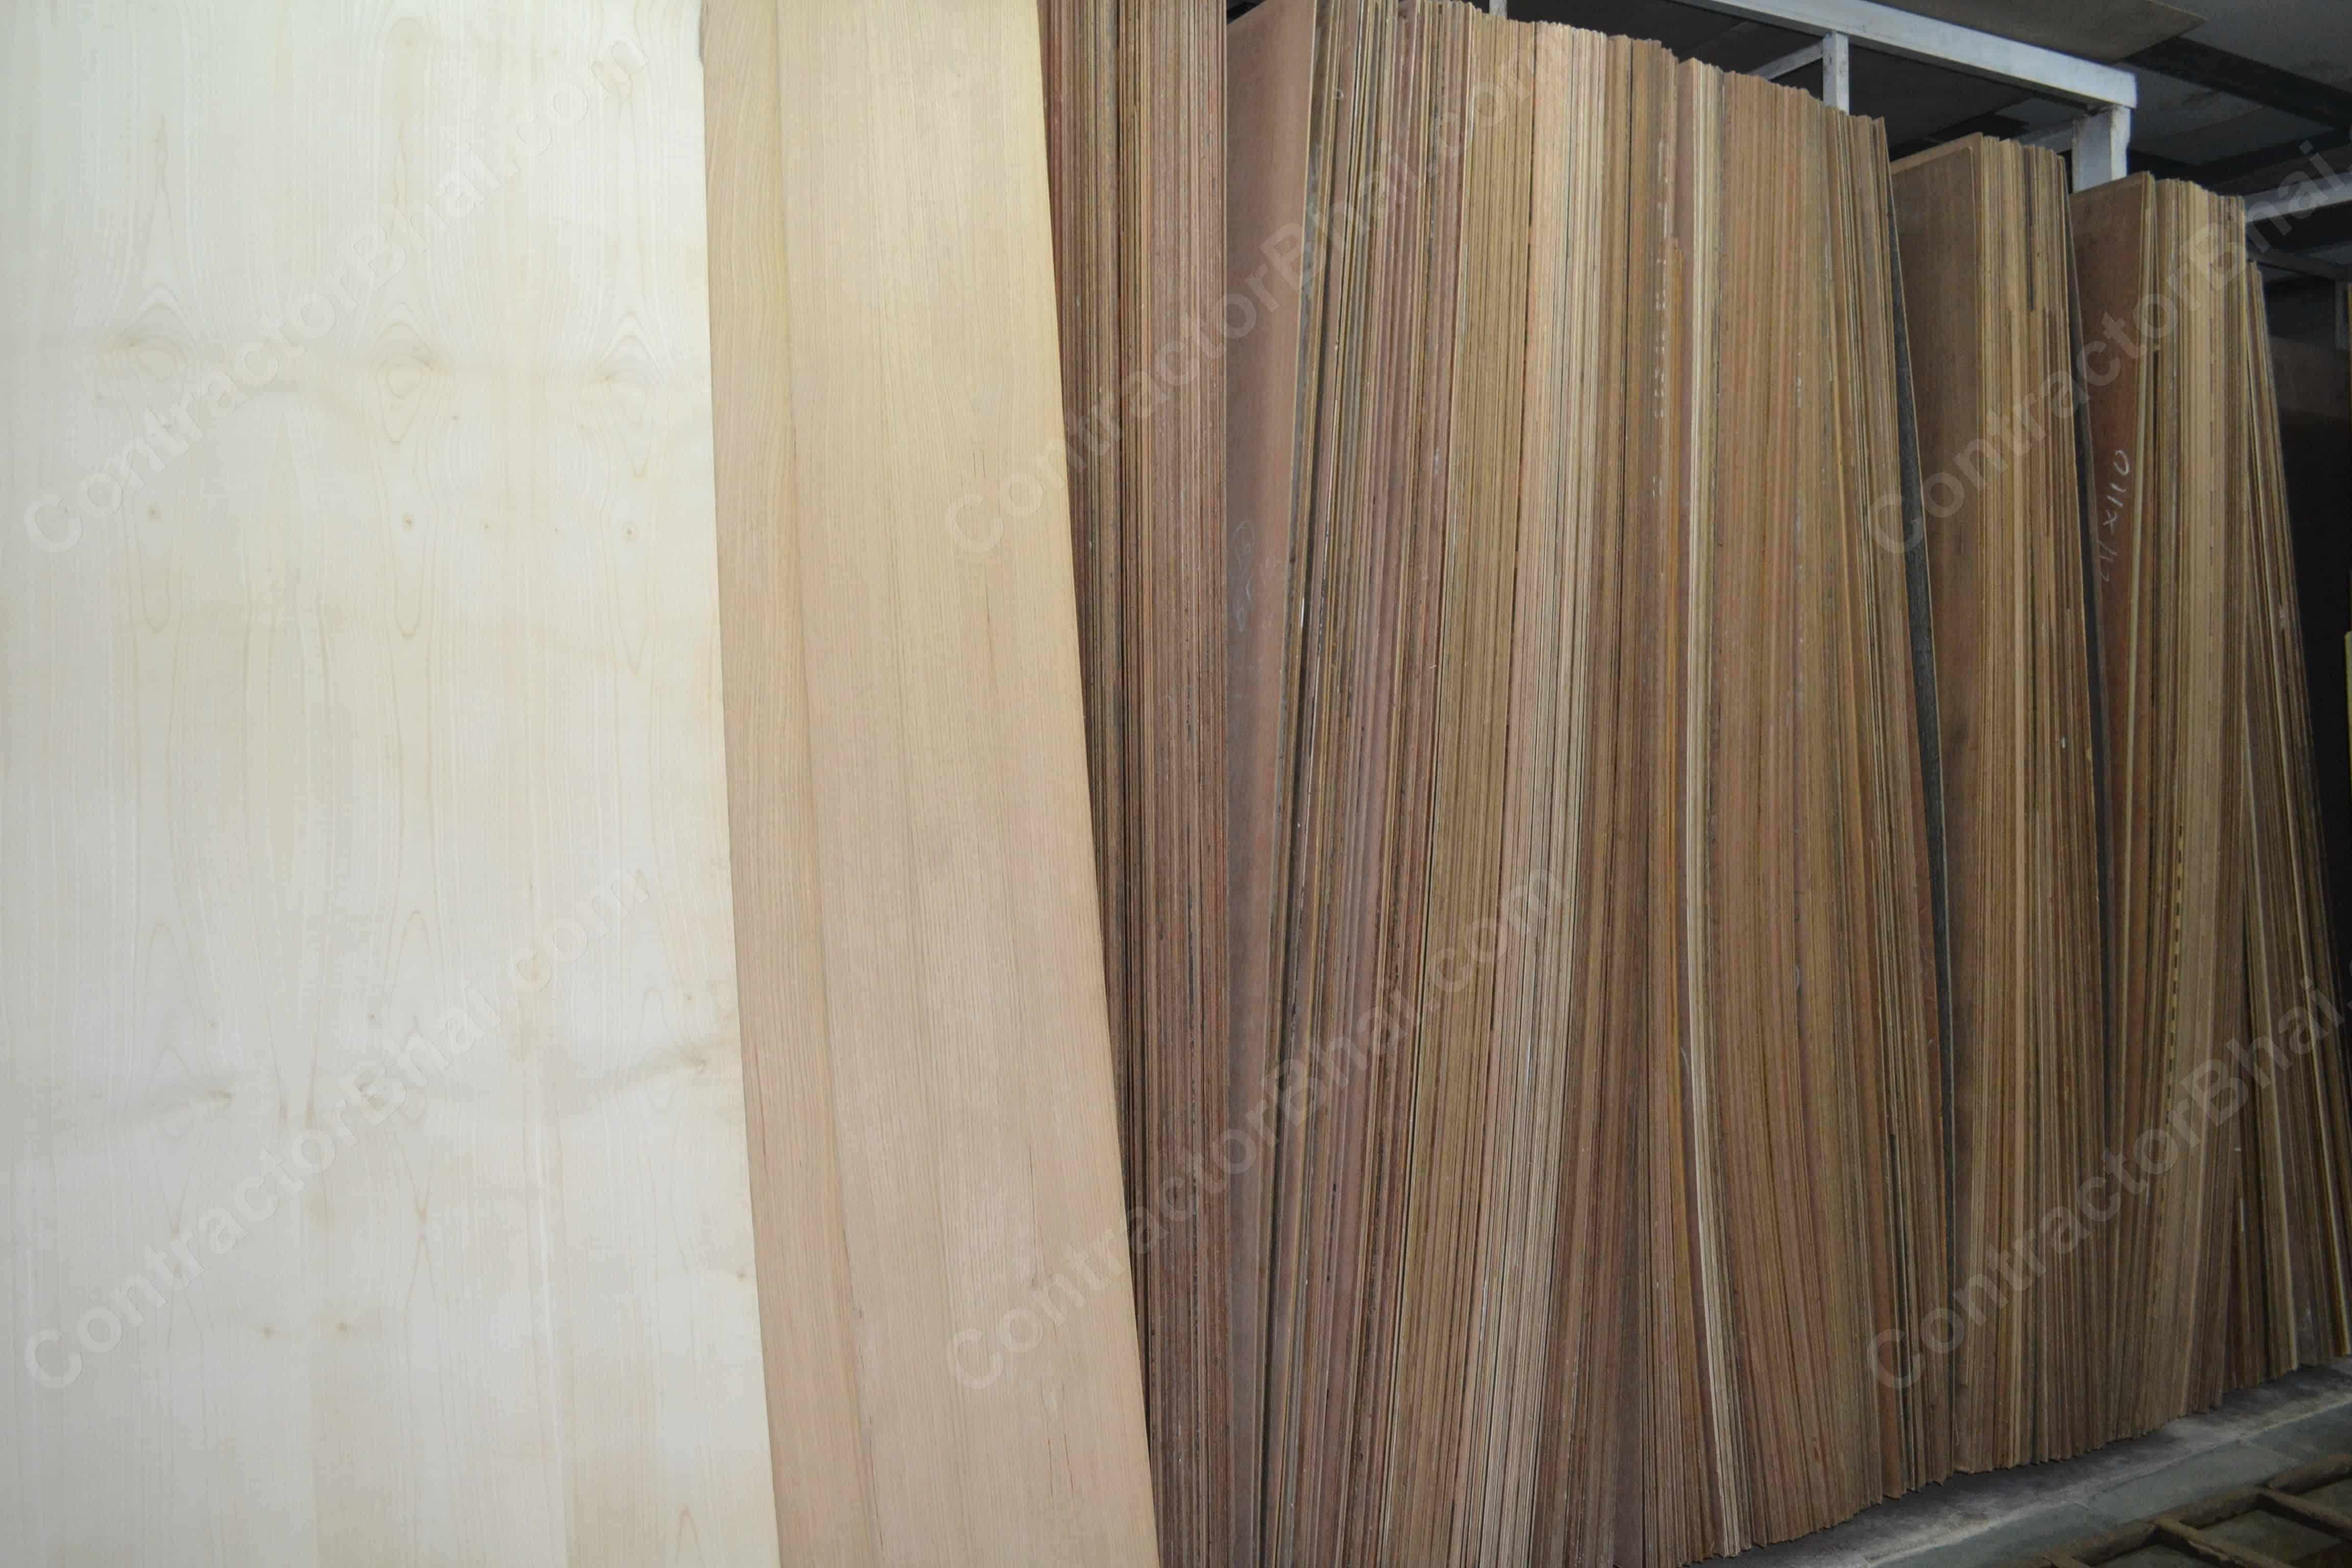 Unbacked Veneers sheets